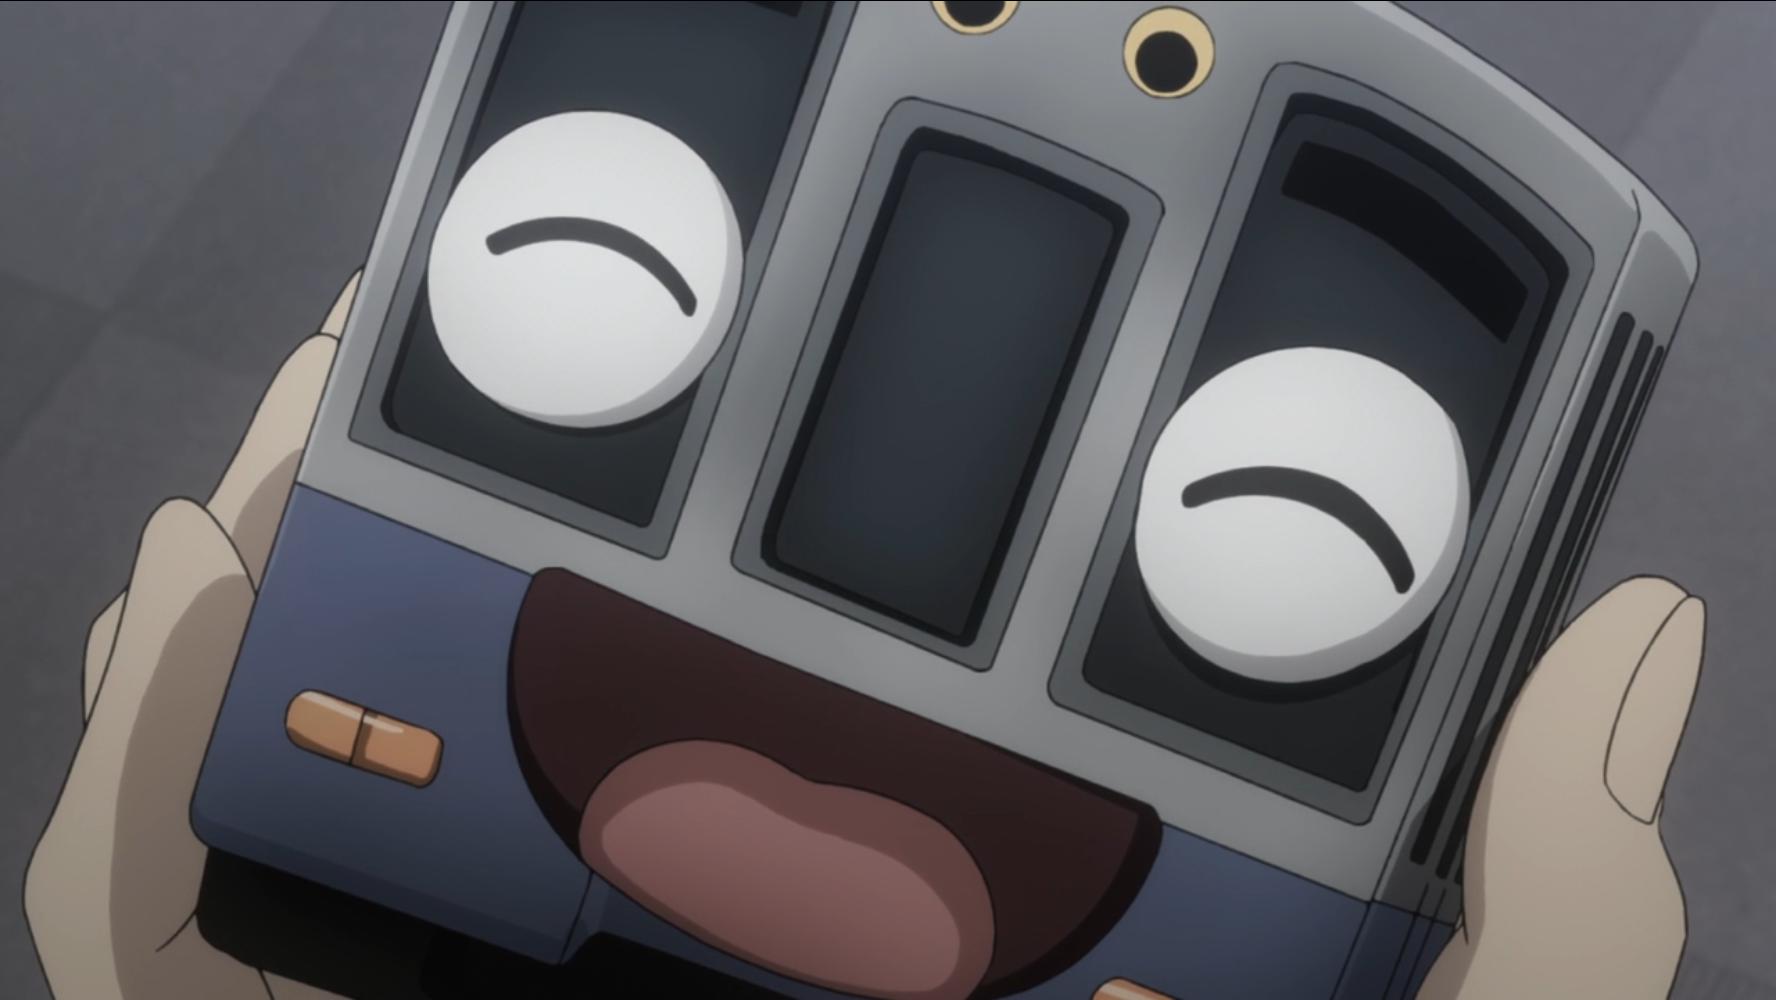 Mikage reflexiona sobre un tren de juguete con una cara feliz y sonriente en una escena del anime televisivo The Lost Village de 2016.